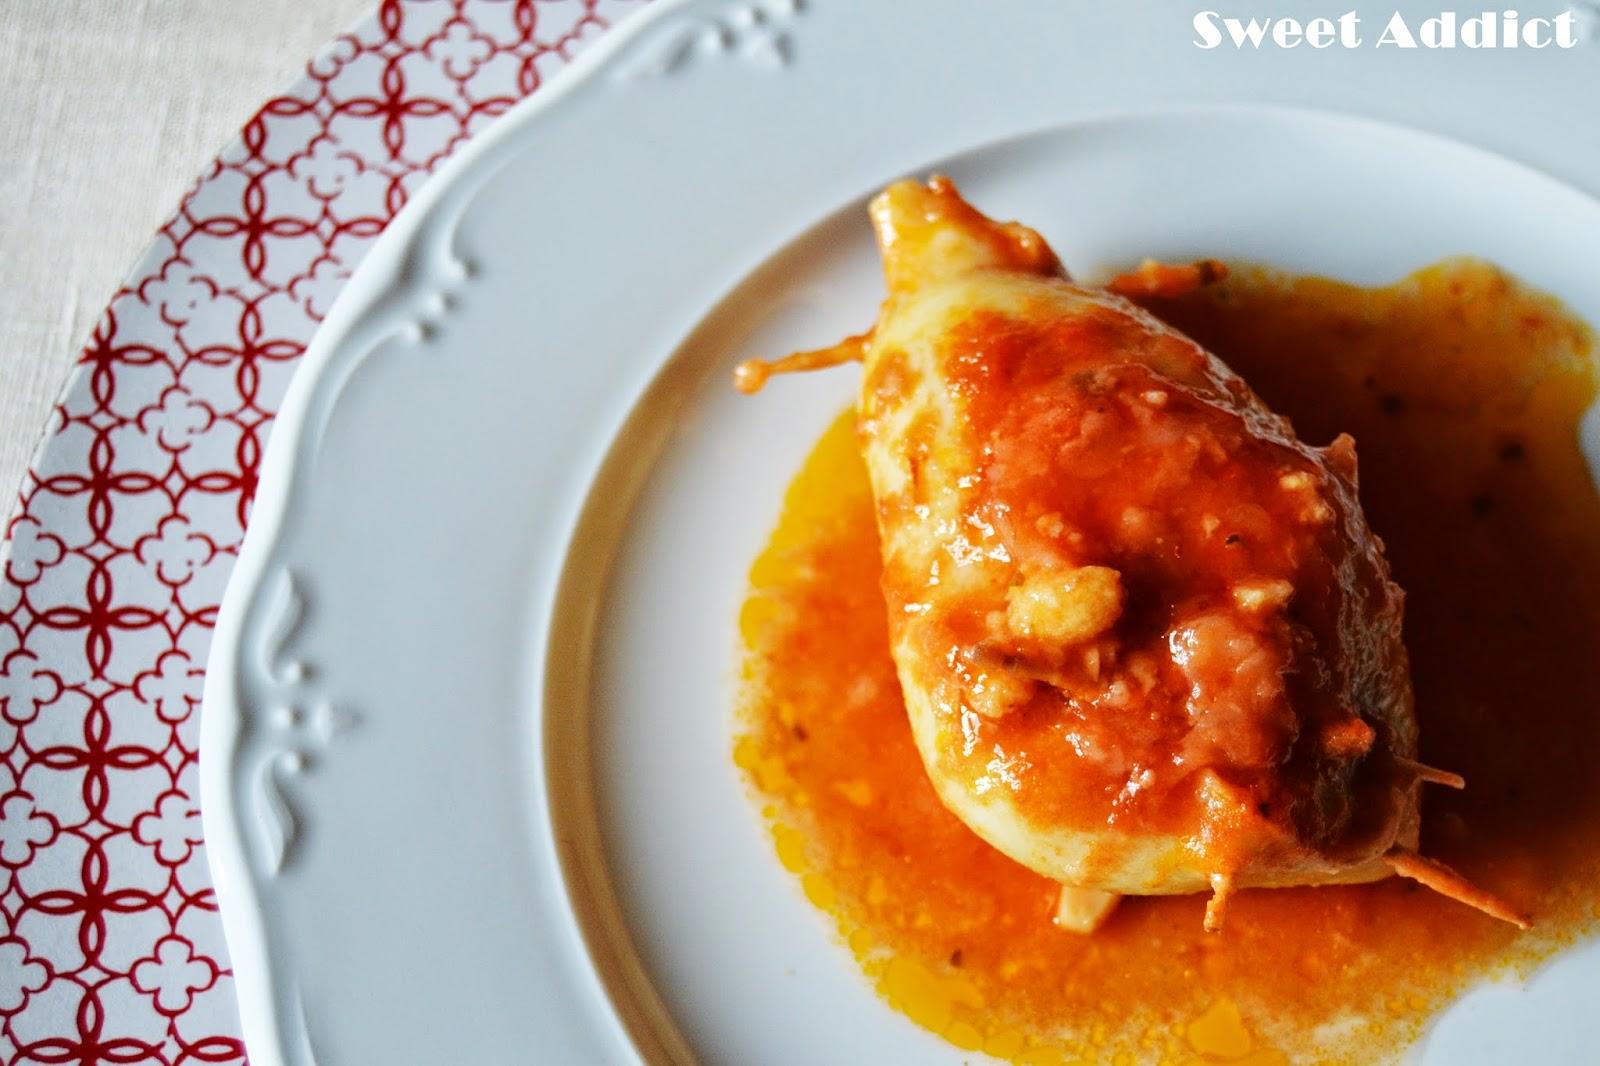 Calamares rellenos sweet addict - Salsa para calamares rellenos ...